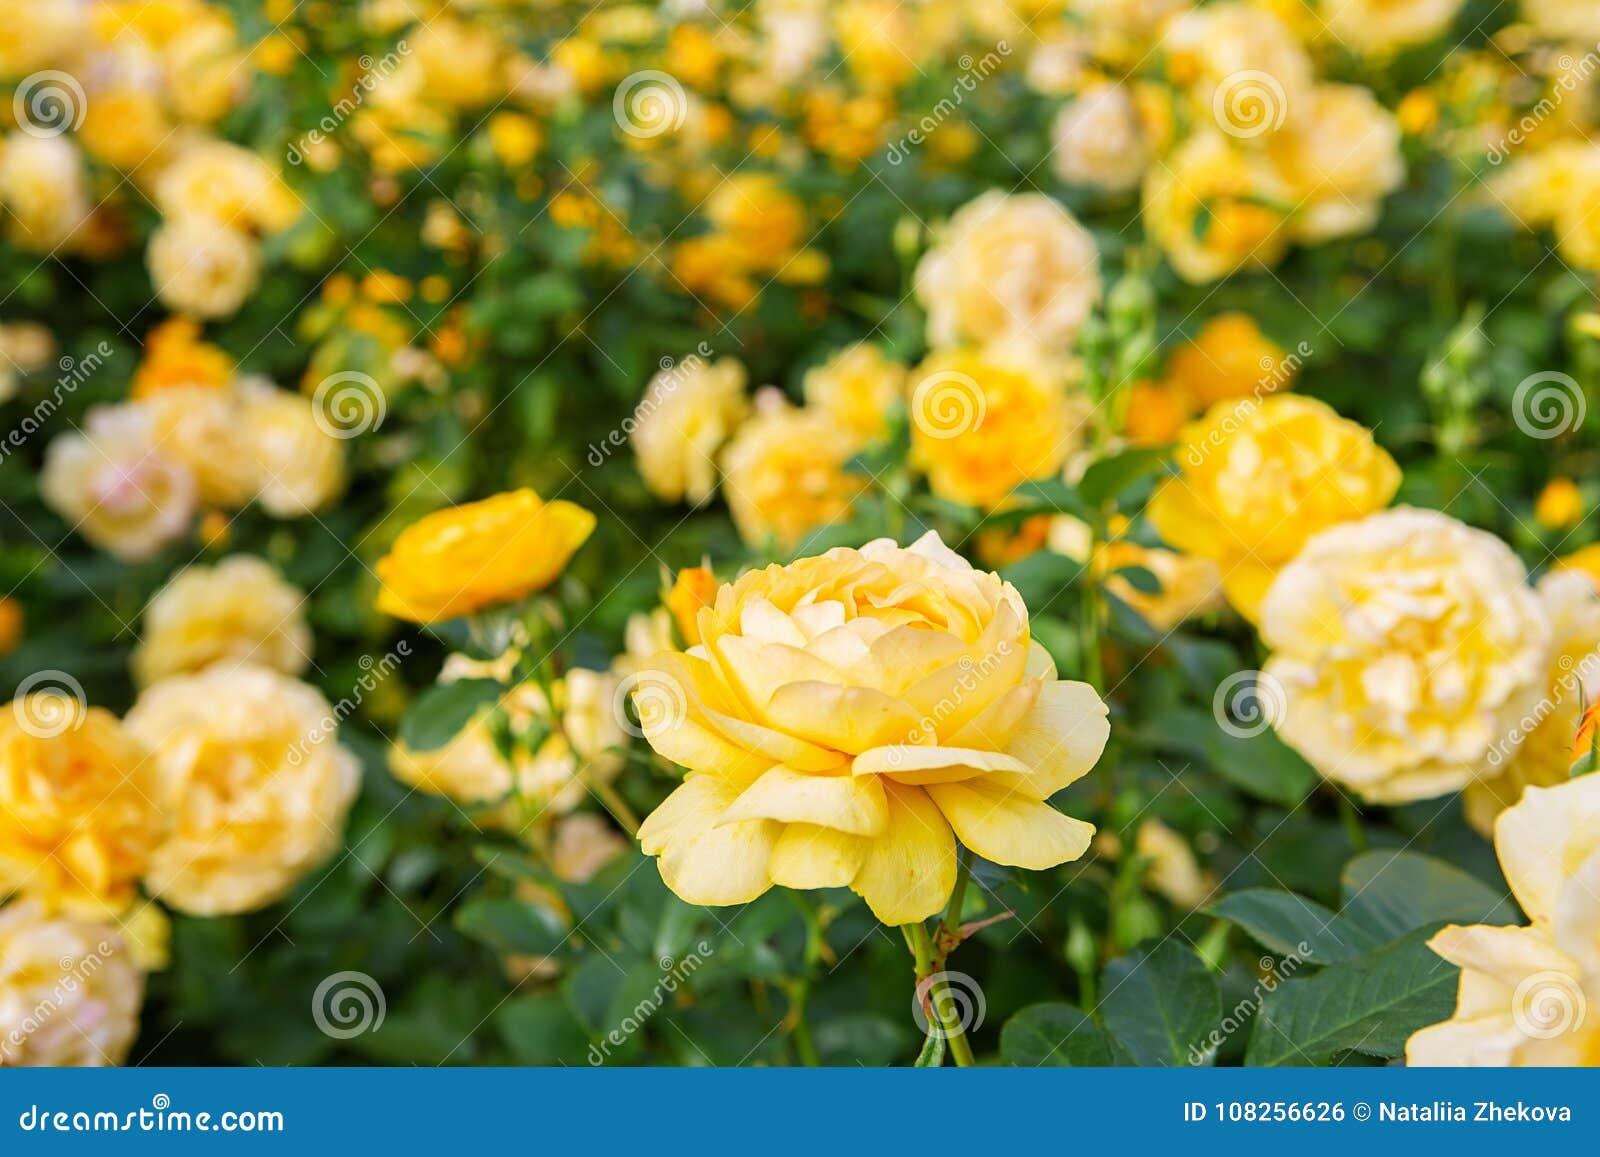 Arbusto Hermoso De Rosas Amarillas En Un Jardín De La ...